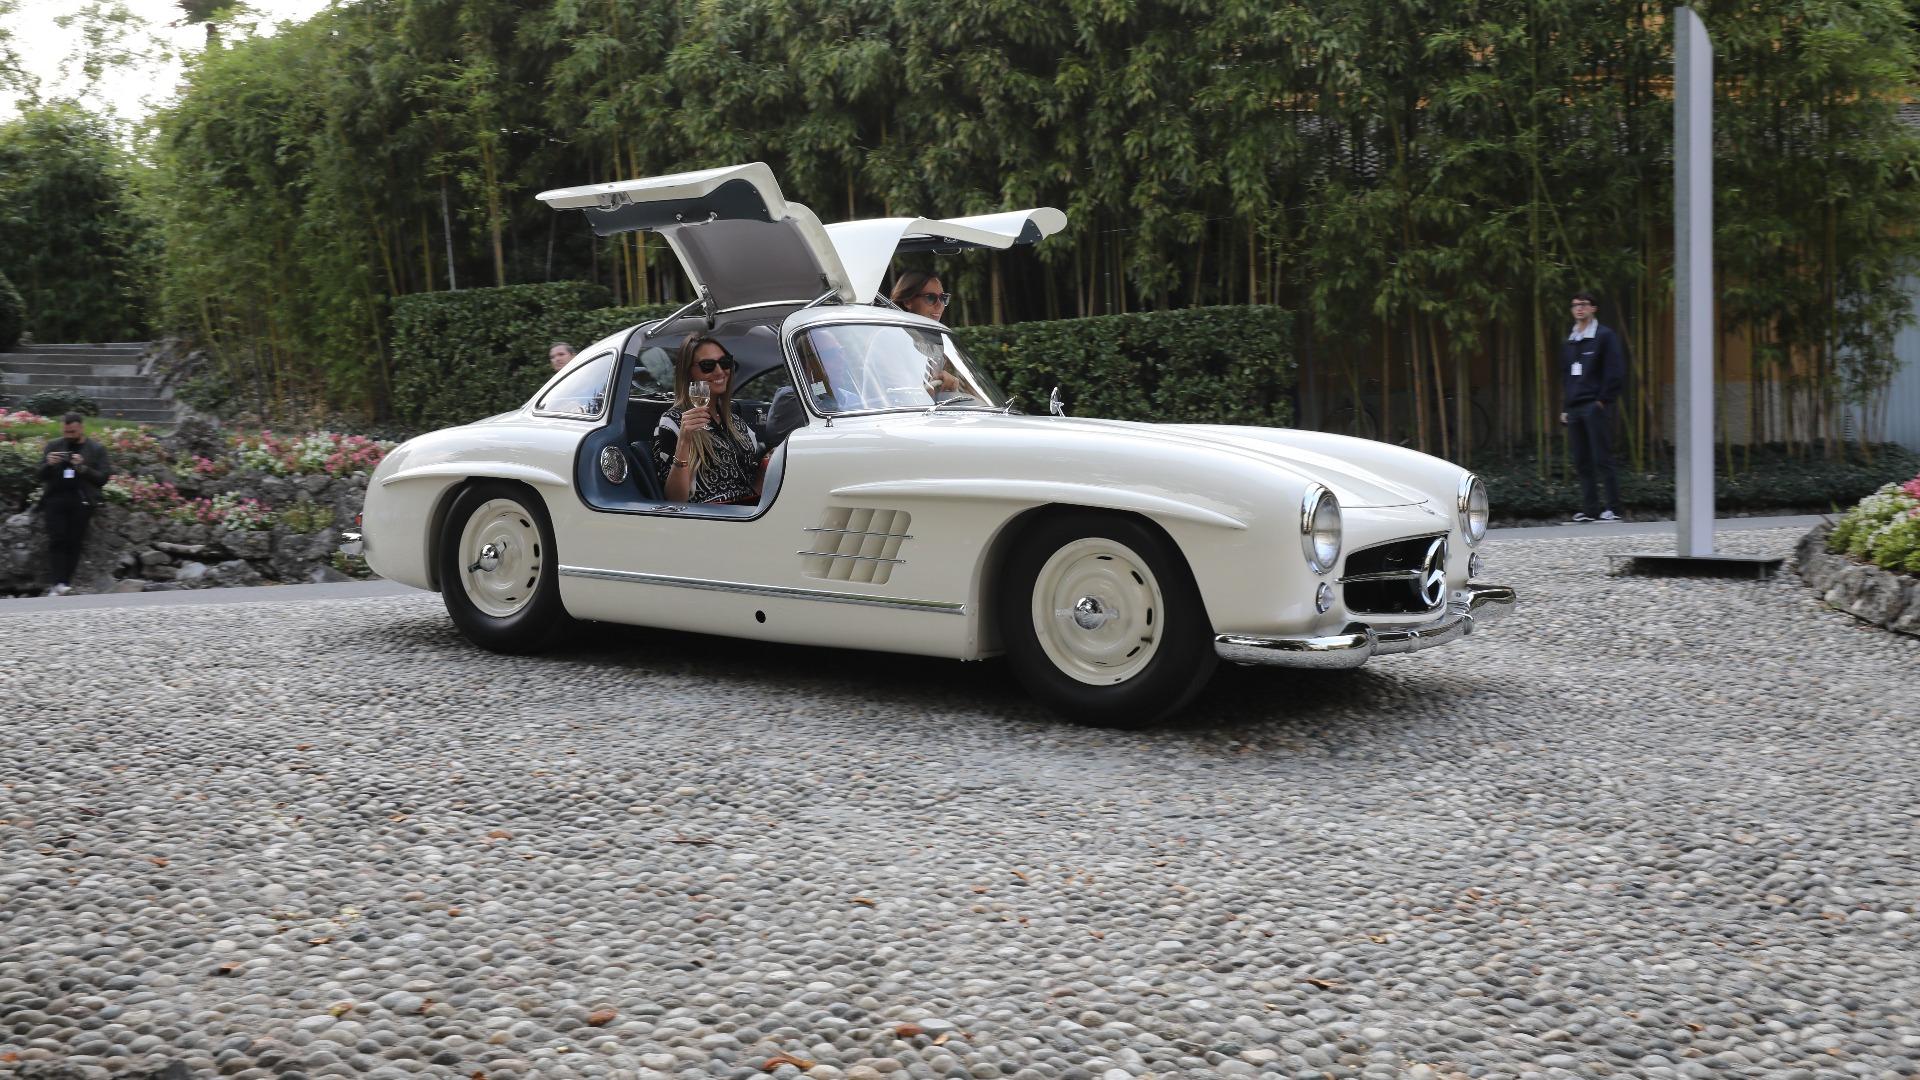 Her er det mye å ta tak i for de som er opptatt av trafikksikkerhet, men har man en 1955 Mercedes-Benz 300SL er det fint å imponere med de vakre dørene.